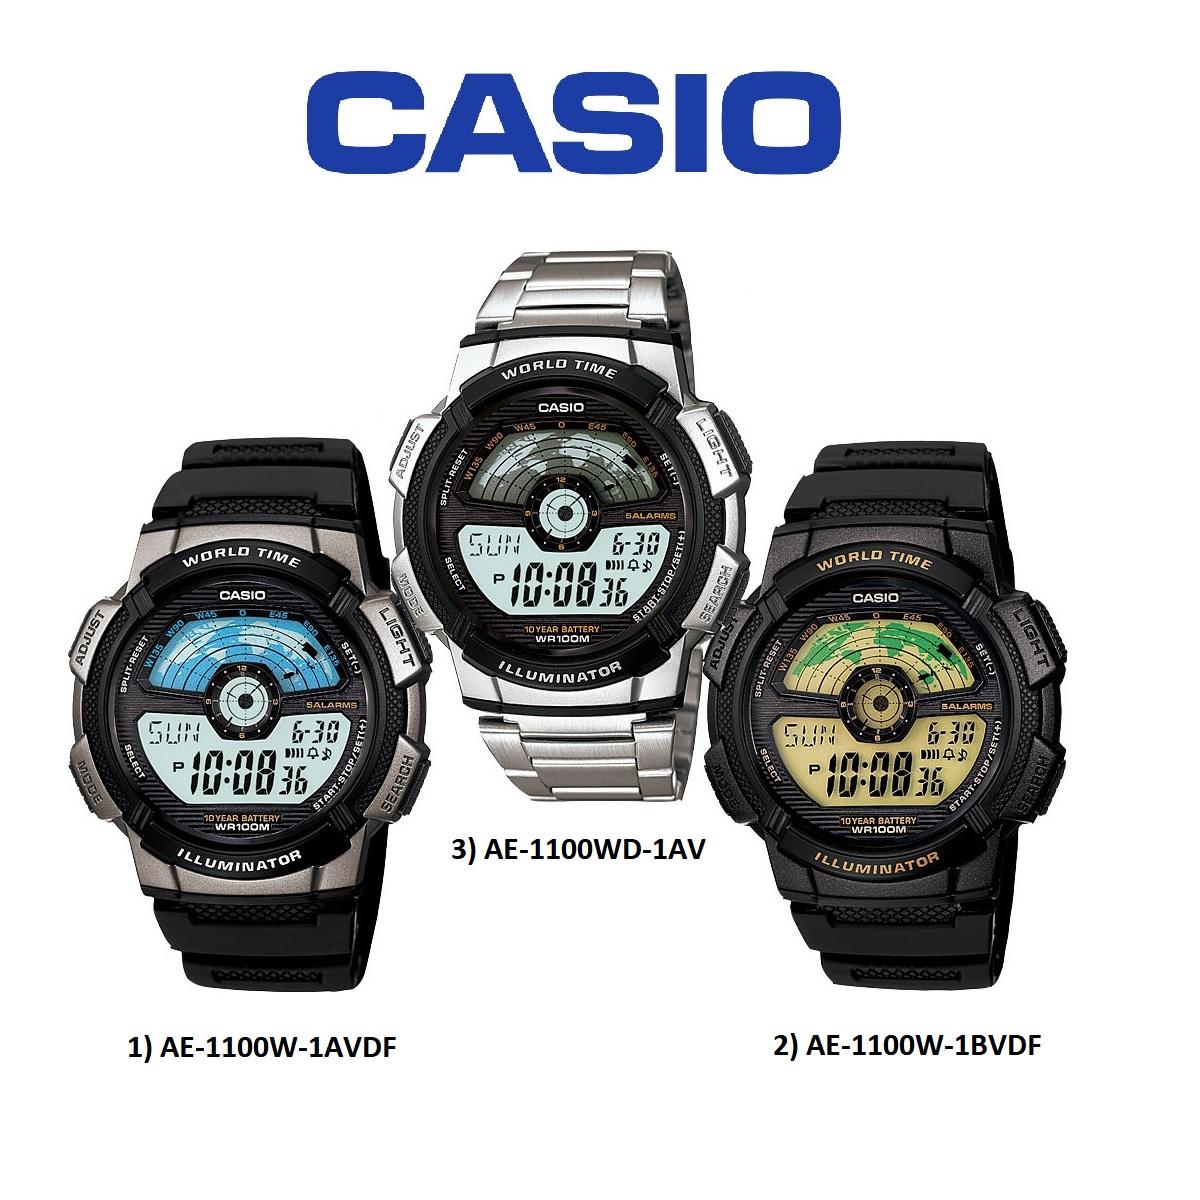 Casio AE-1100W Range Original & Genuine